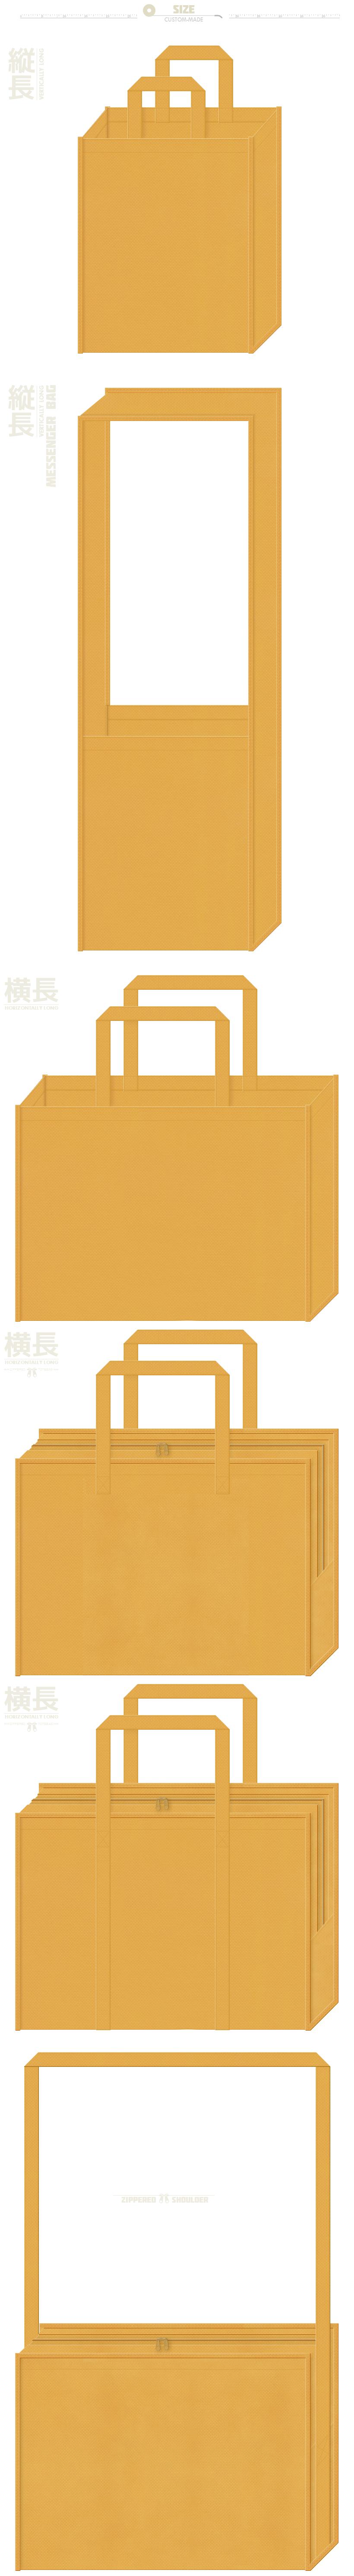 黄土色の不織布バッグにお奨めのイメージ:キャラメル・ピーナツ・クッキー・きなこ・パスタ・麦・玉ねぎ・食用油・フライヤー・硫黄・砂漠・砂丘・いちょう・木・家具・住宅